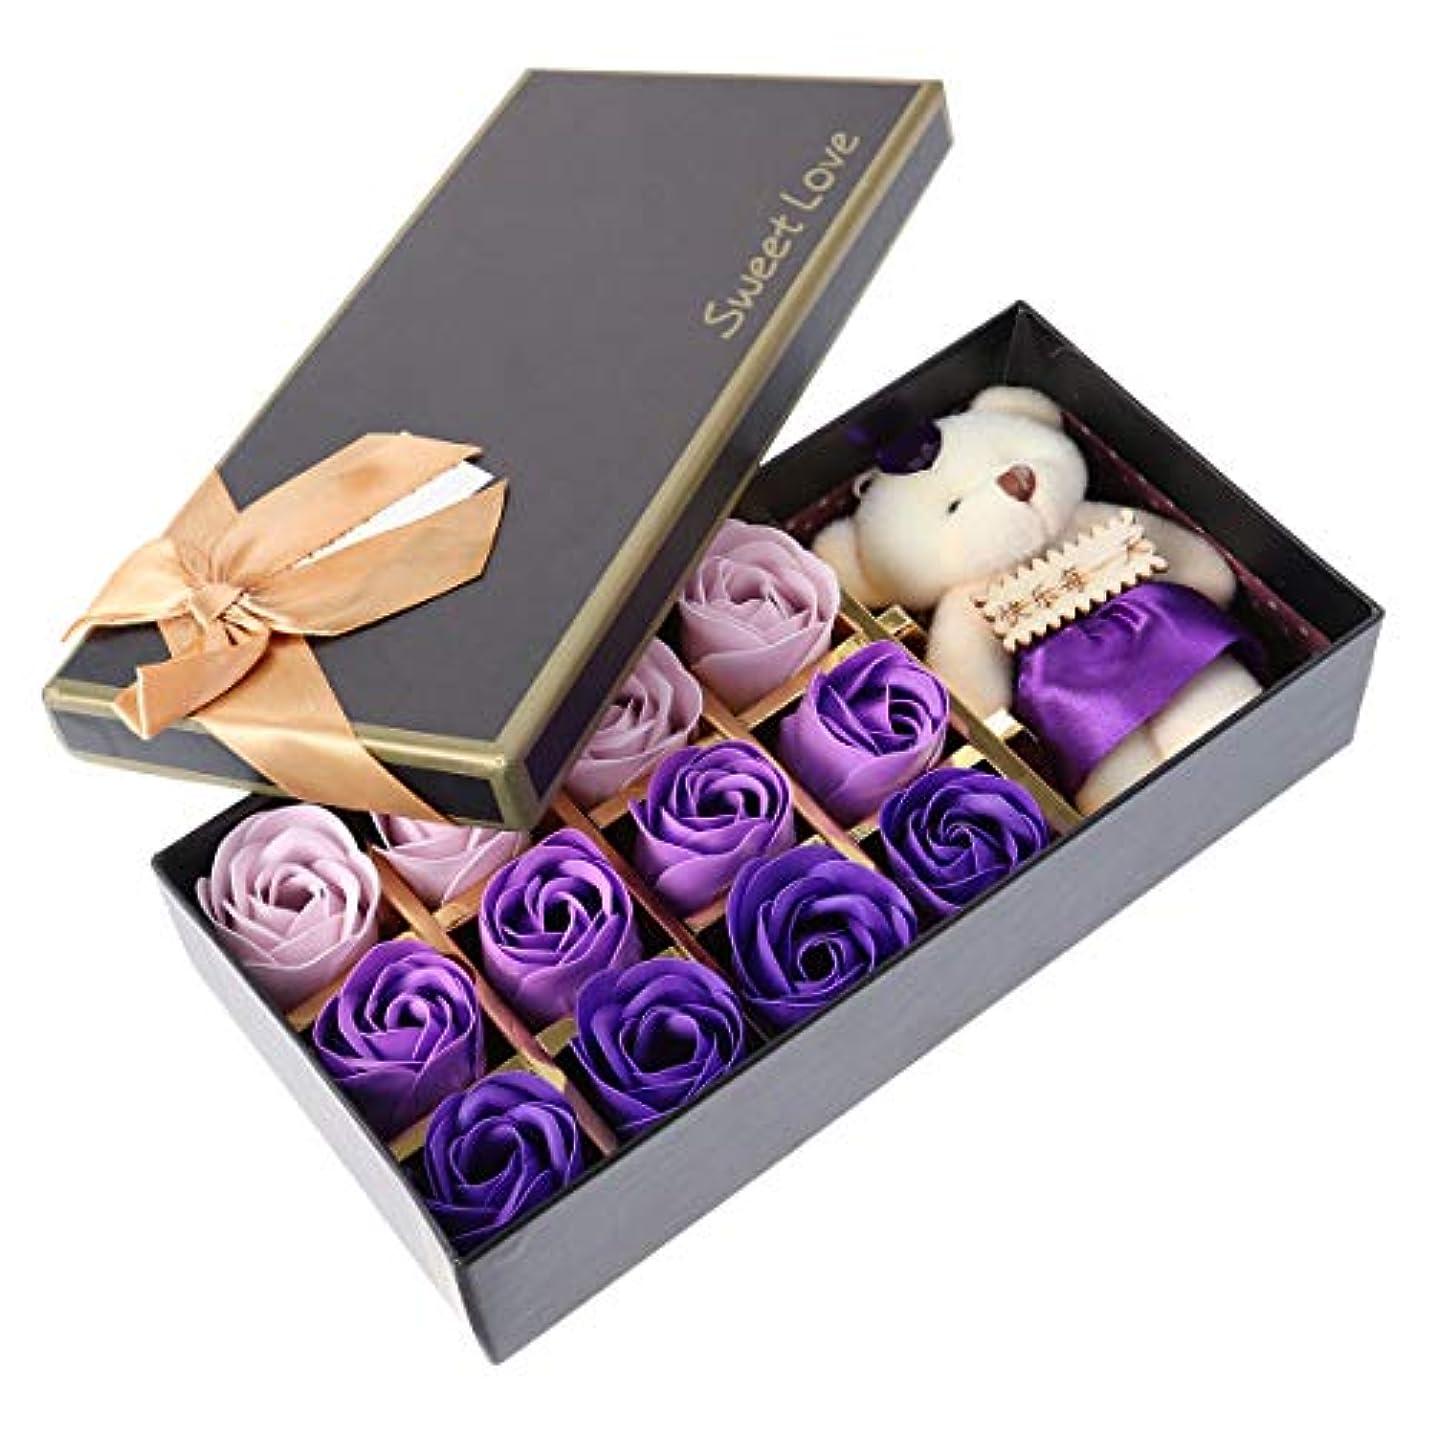 勃起オールバーマドBeaupretty バレンタインデーの結婚式の誕生日プレゼントのための小さなクマとバラの石鹸の花